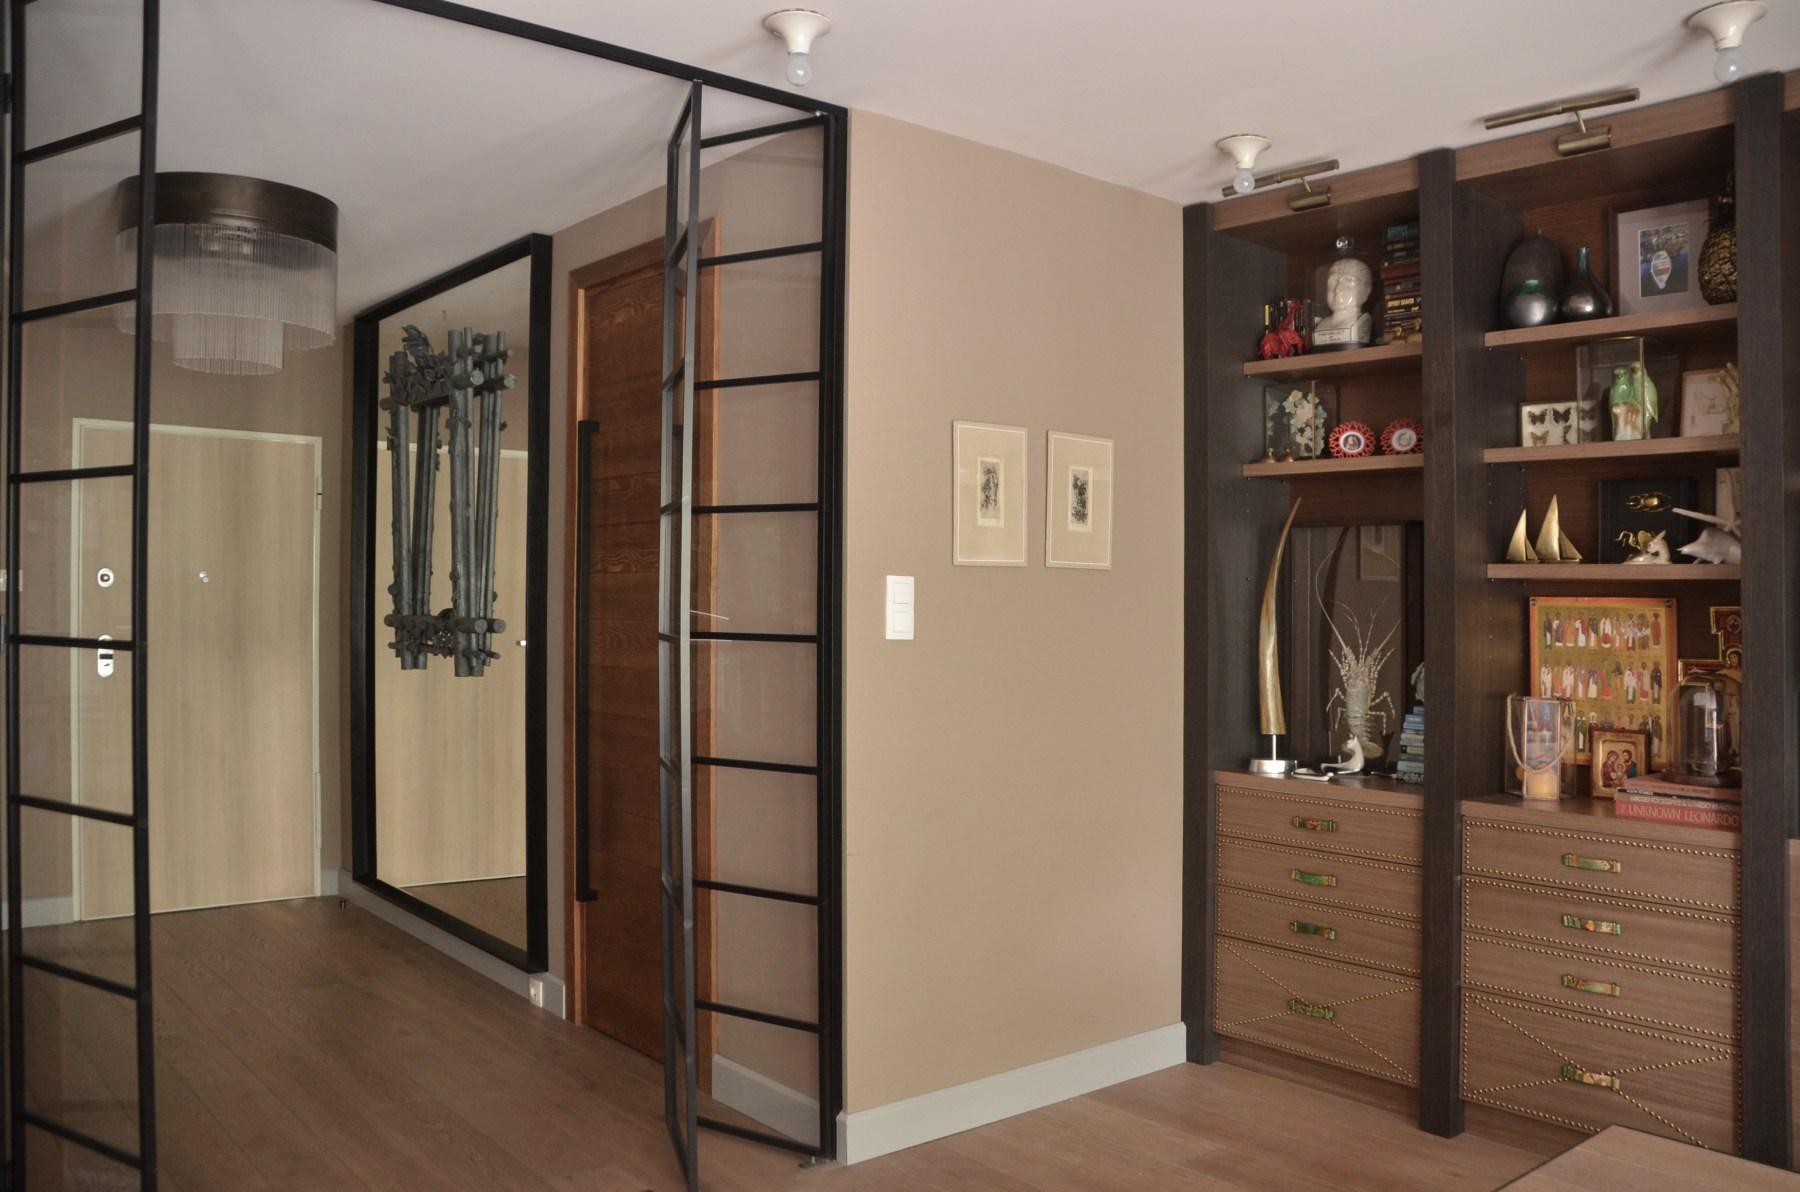 Ażurowe, składane drzwi wyznaczaja granicę między przedpokojem, a częścią dzienną